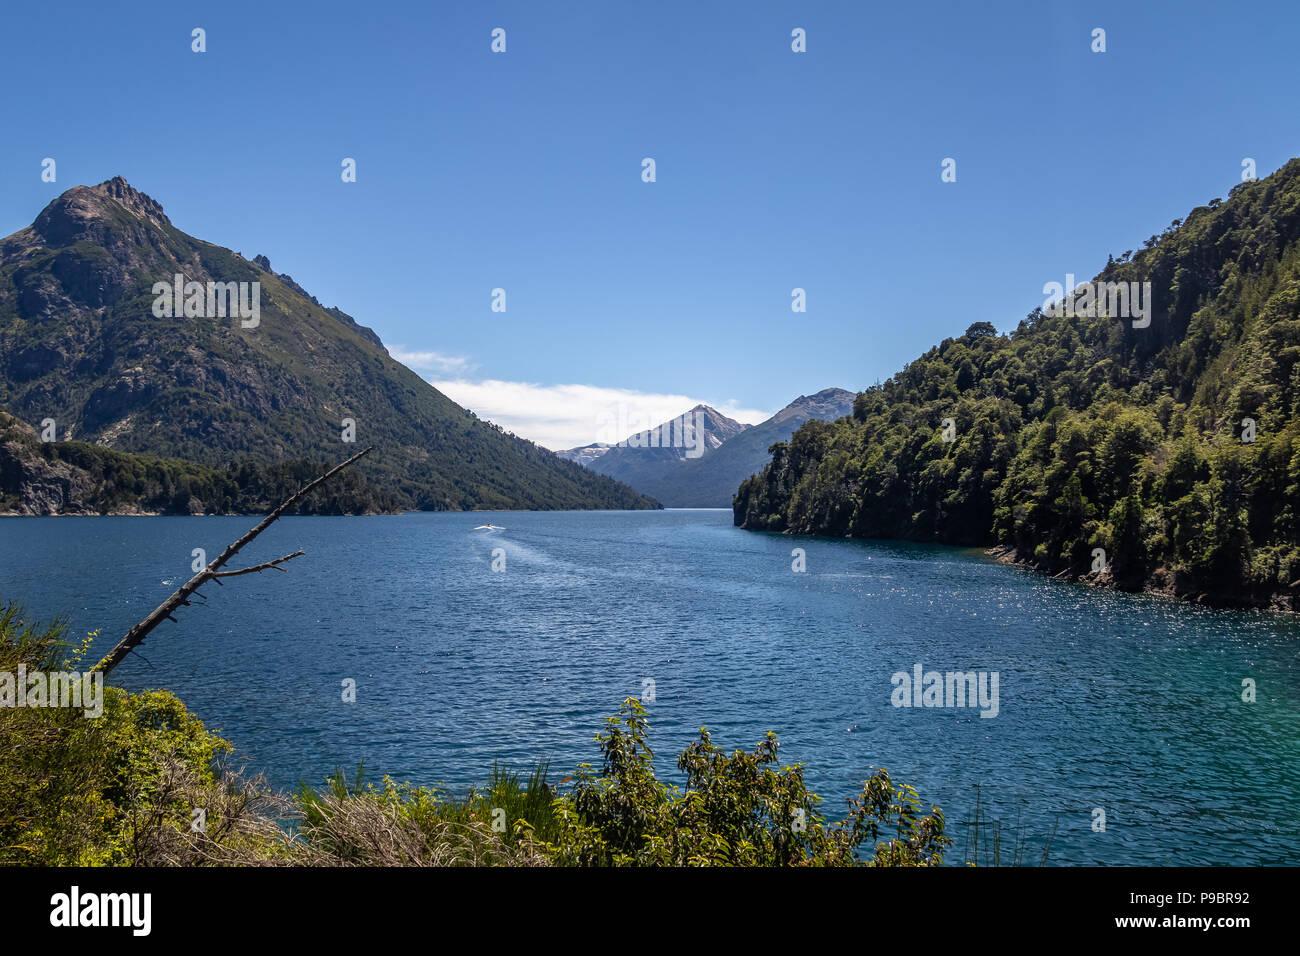 Circuito Chico : Bahia lopez lopez bay at circuito chico bariloche patagonia